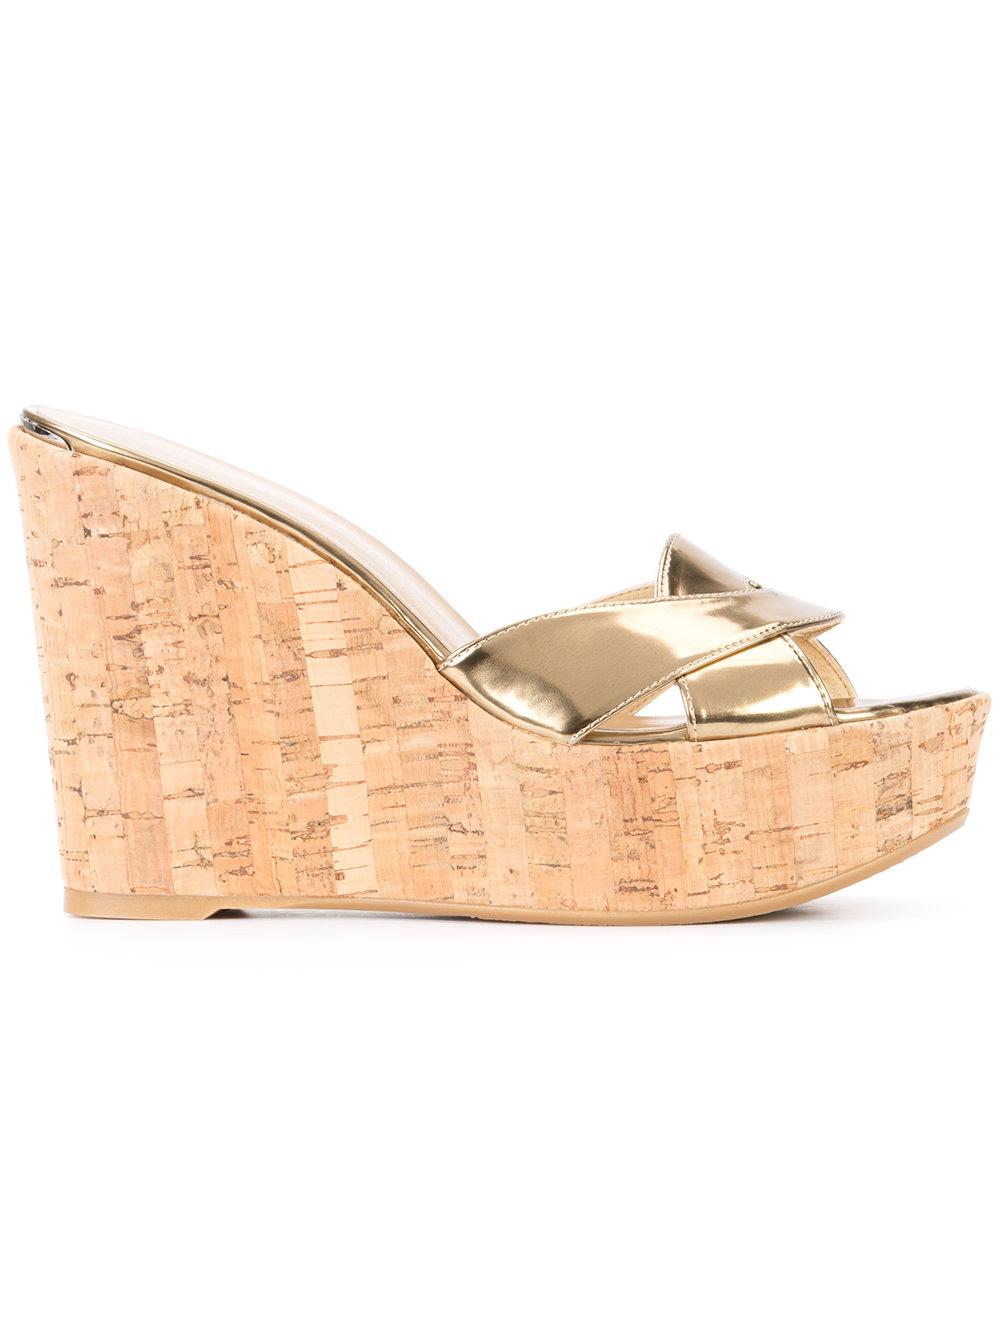 STUART WEITZMAN - wedge sandals  $385